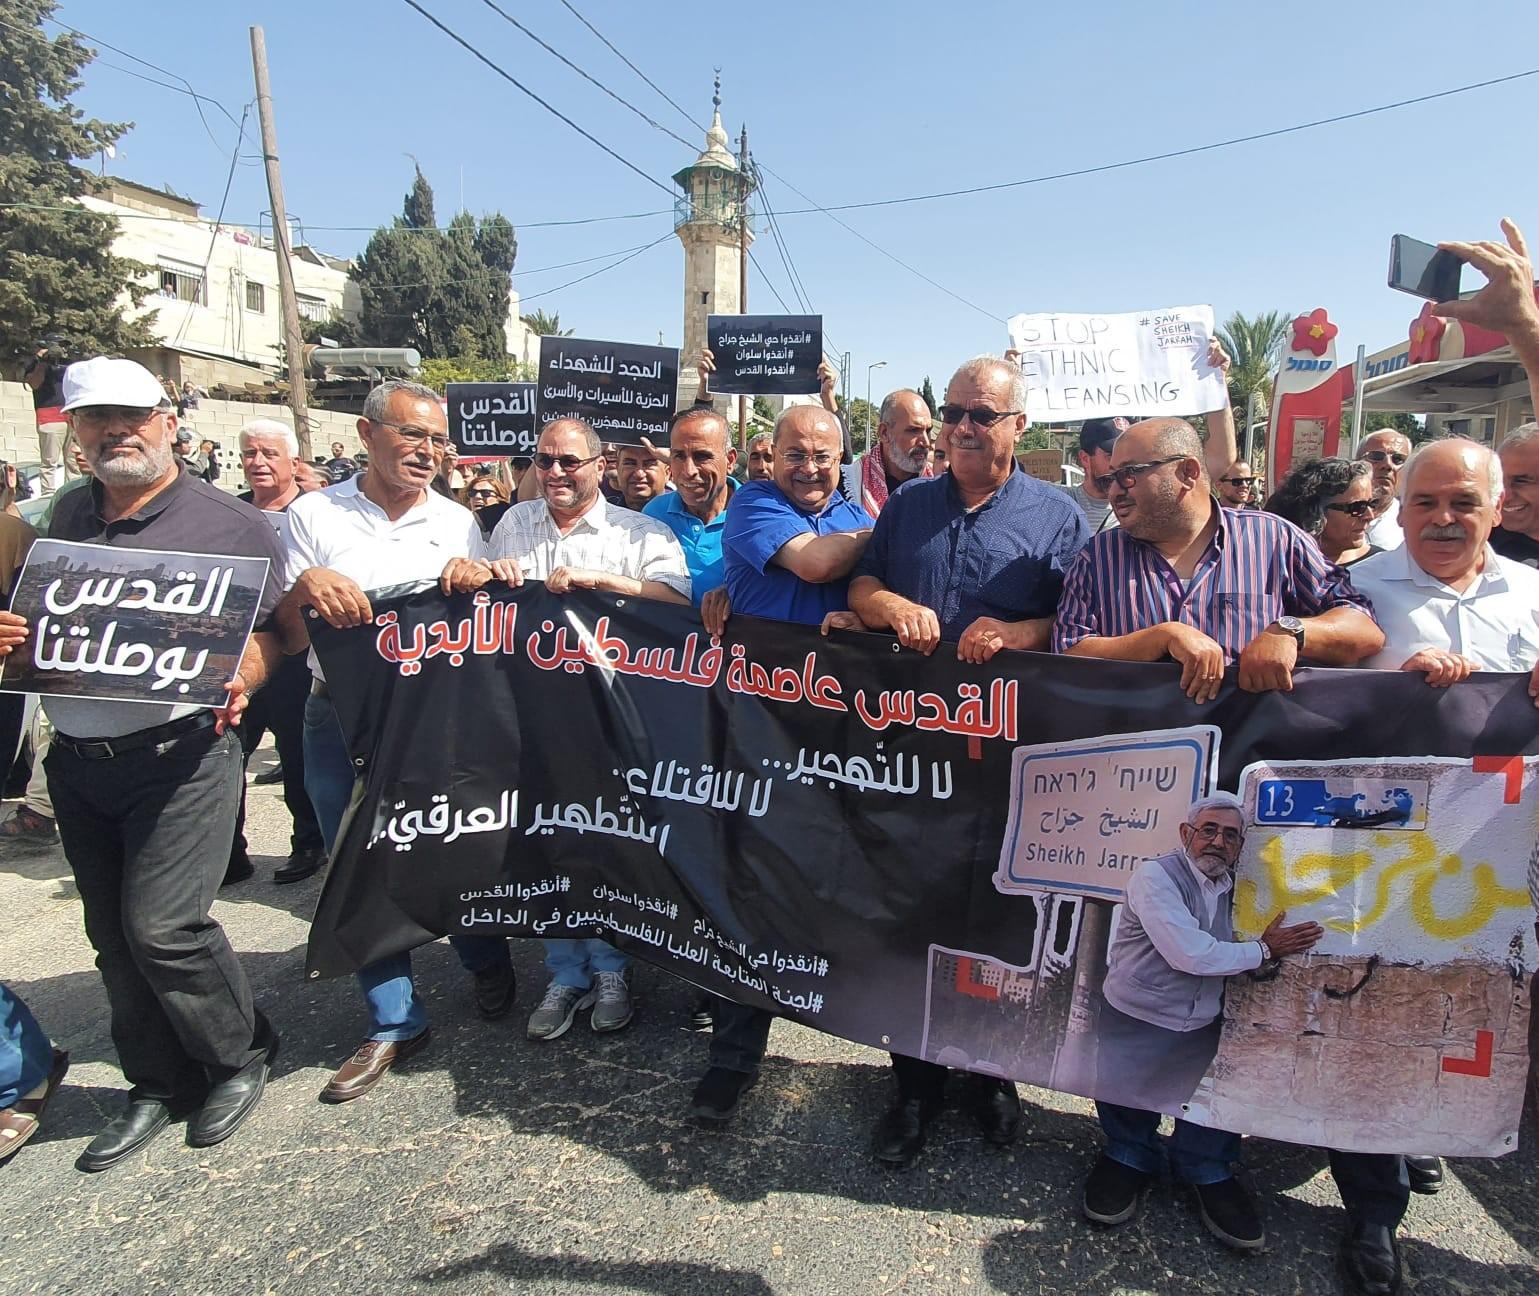 ניסיון נוסף להעביר את השטח: המשותפת דורשת לאסור שוב את צעדת הדגלים בירושלים